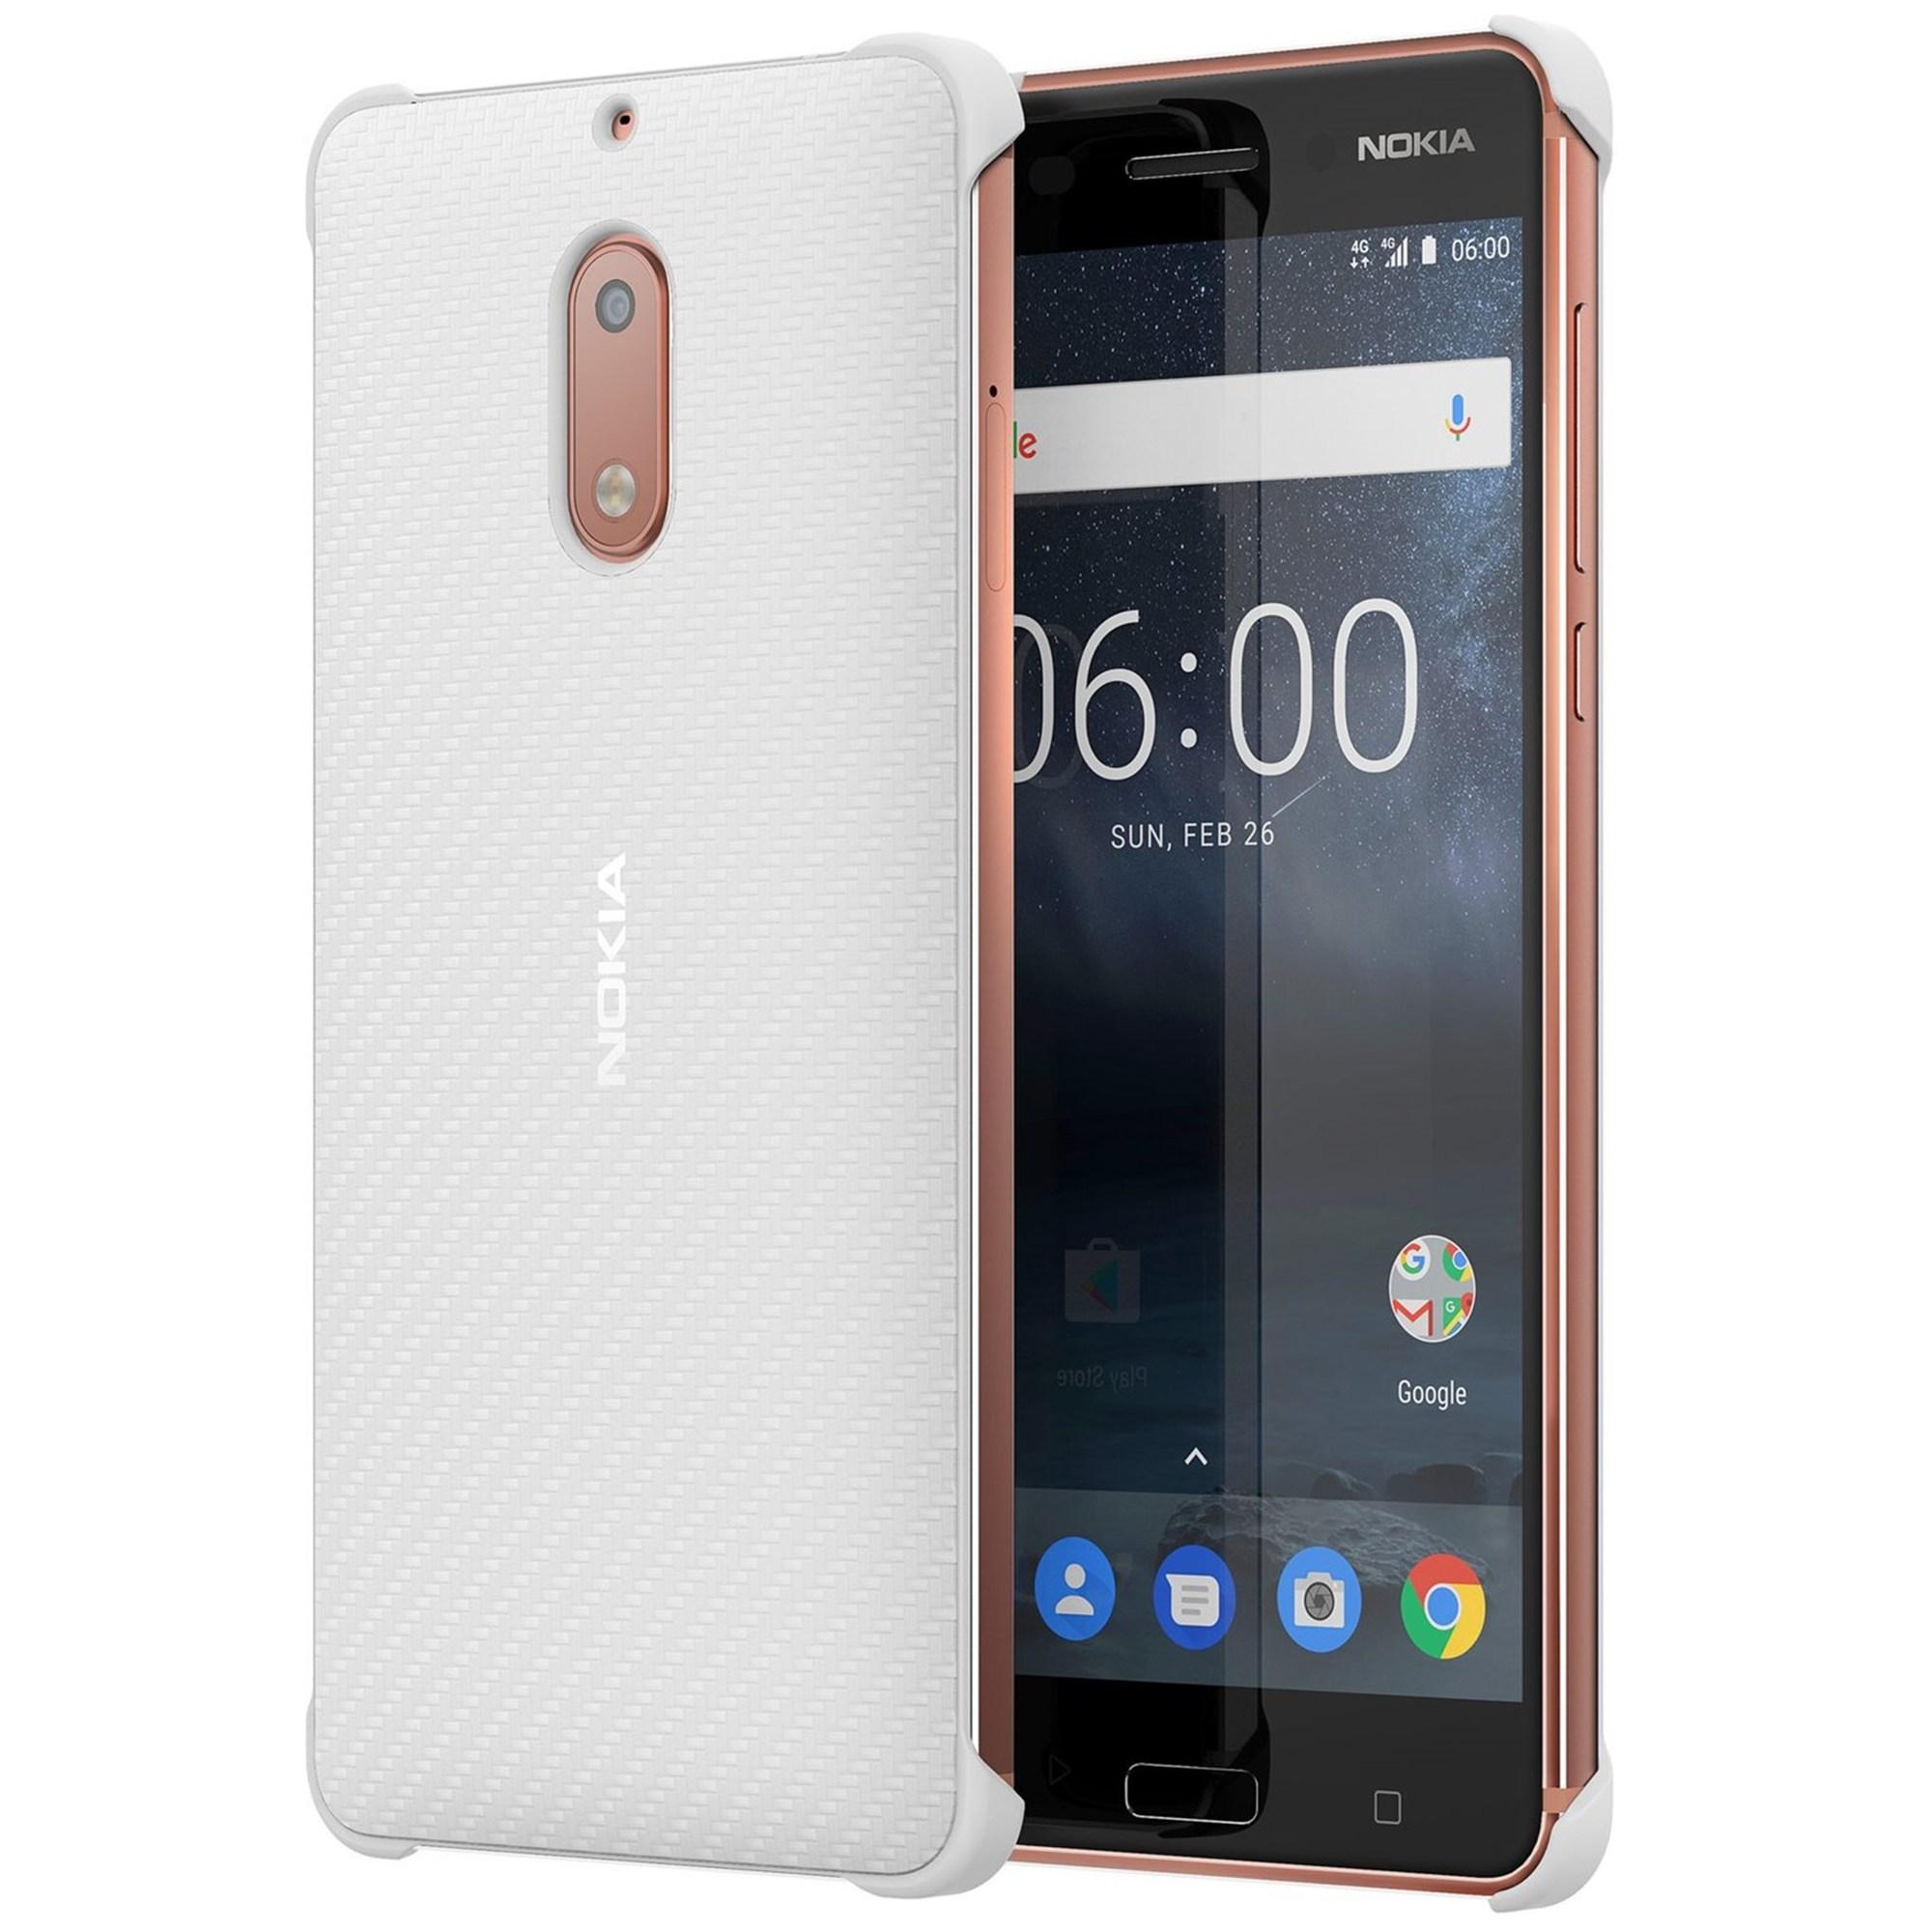 Capac protectie Carbon Fibre Design Nokia CC-802 pentru Nokia 6 White